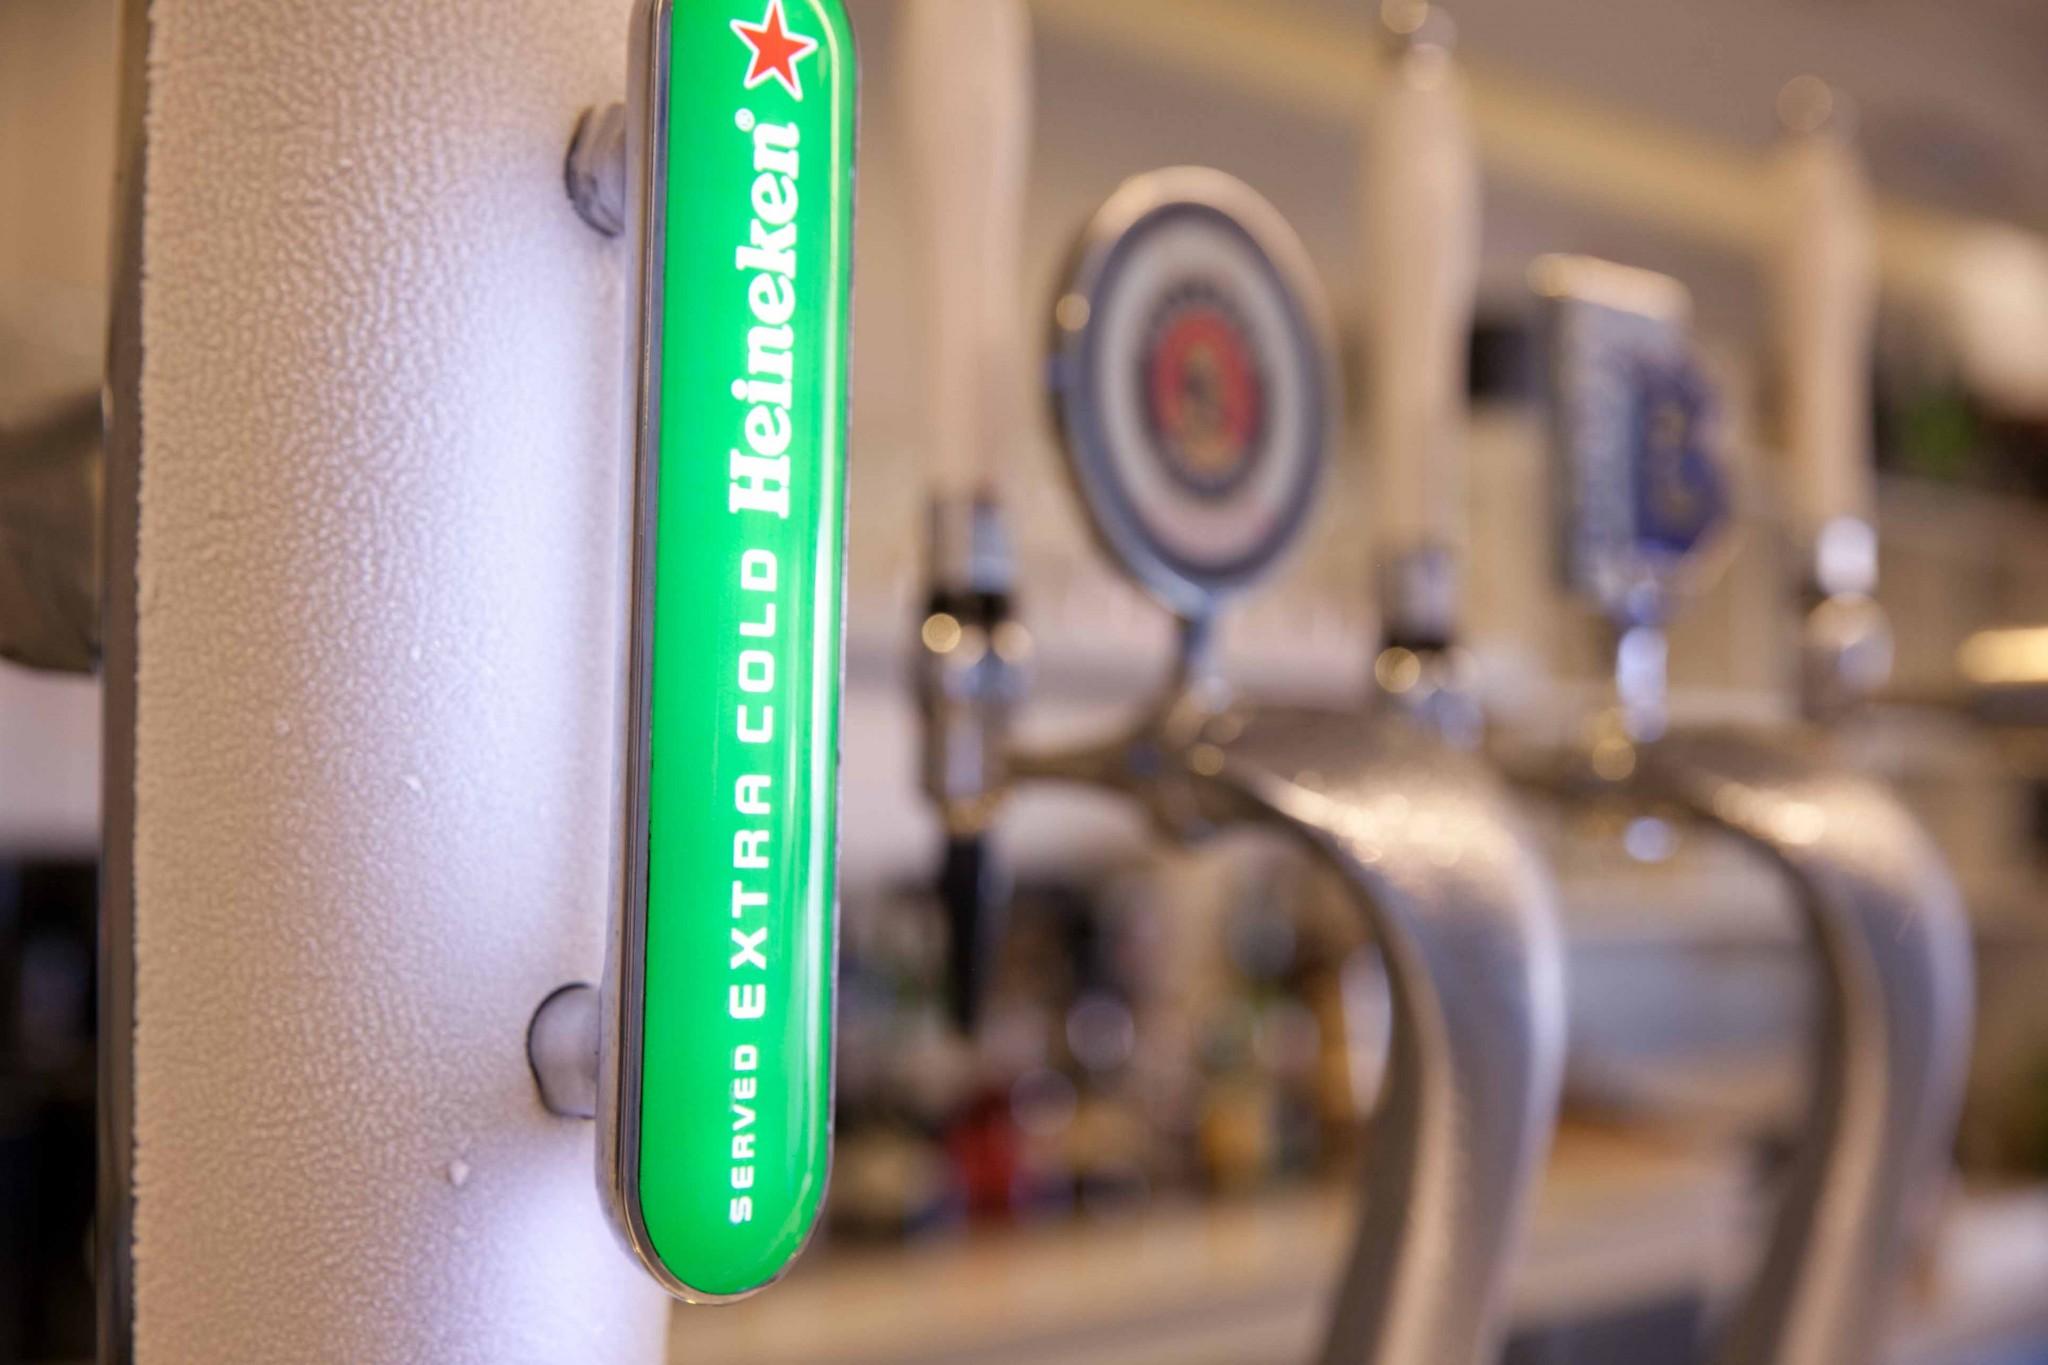 Grifo Heineken